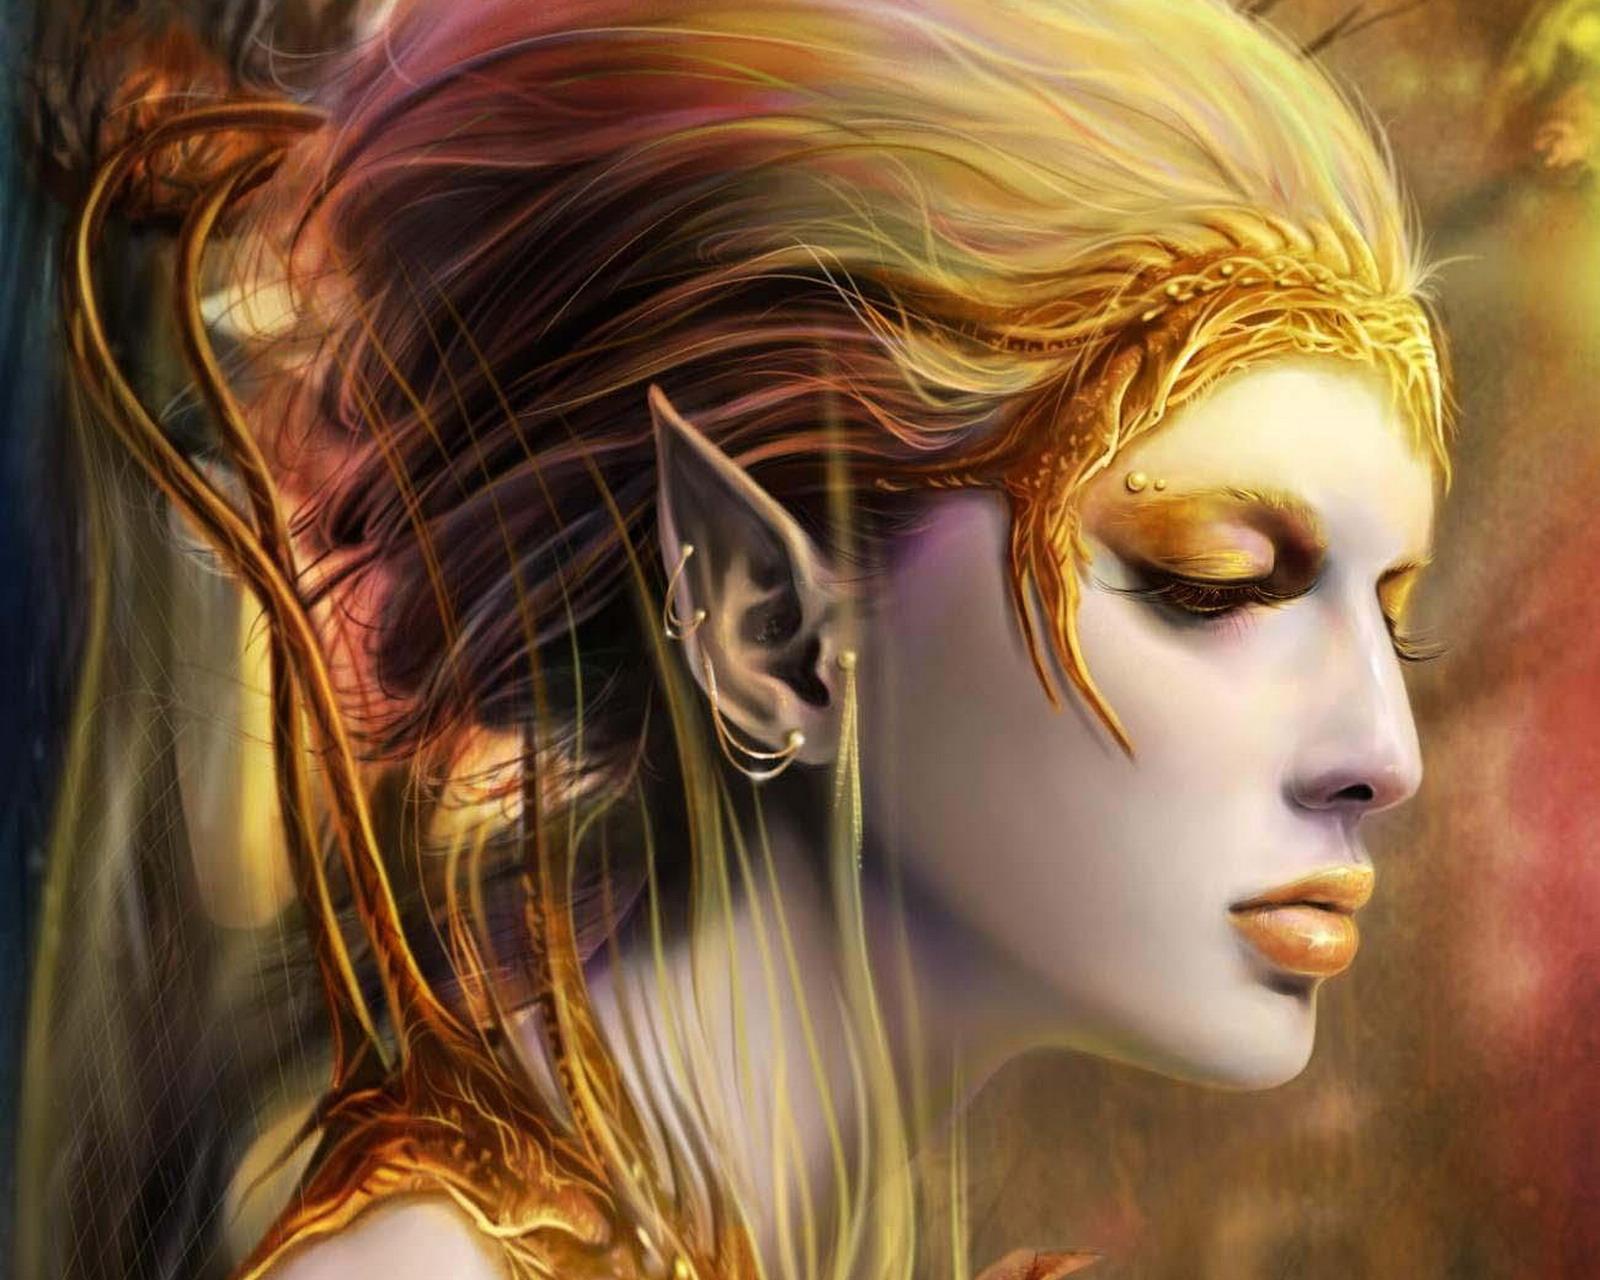 Download wallpaper girl elf elf women wallpaper picture 1600x1280